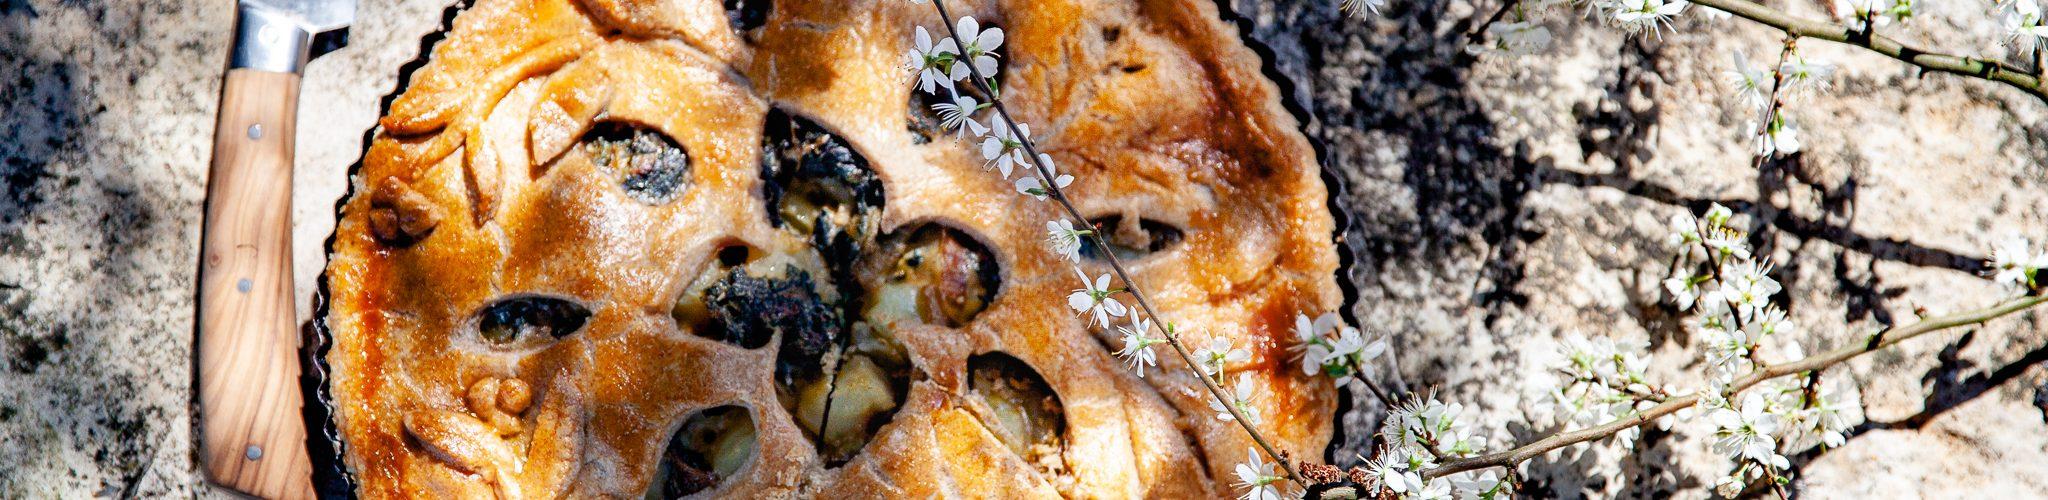 Tourte aux orties et aux pommes de terre recette